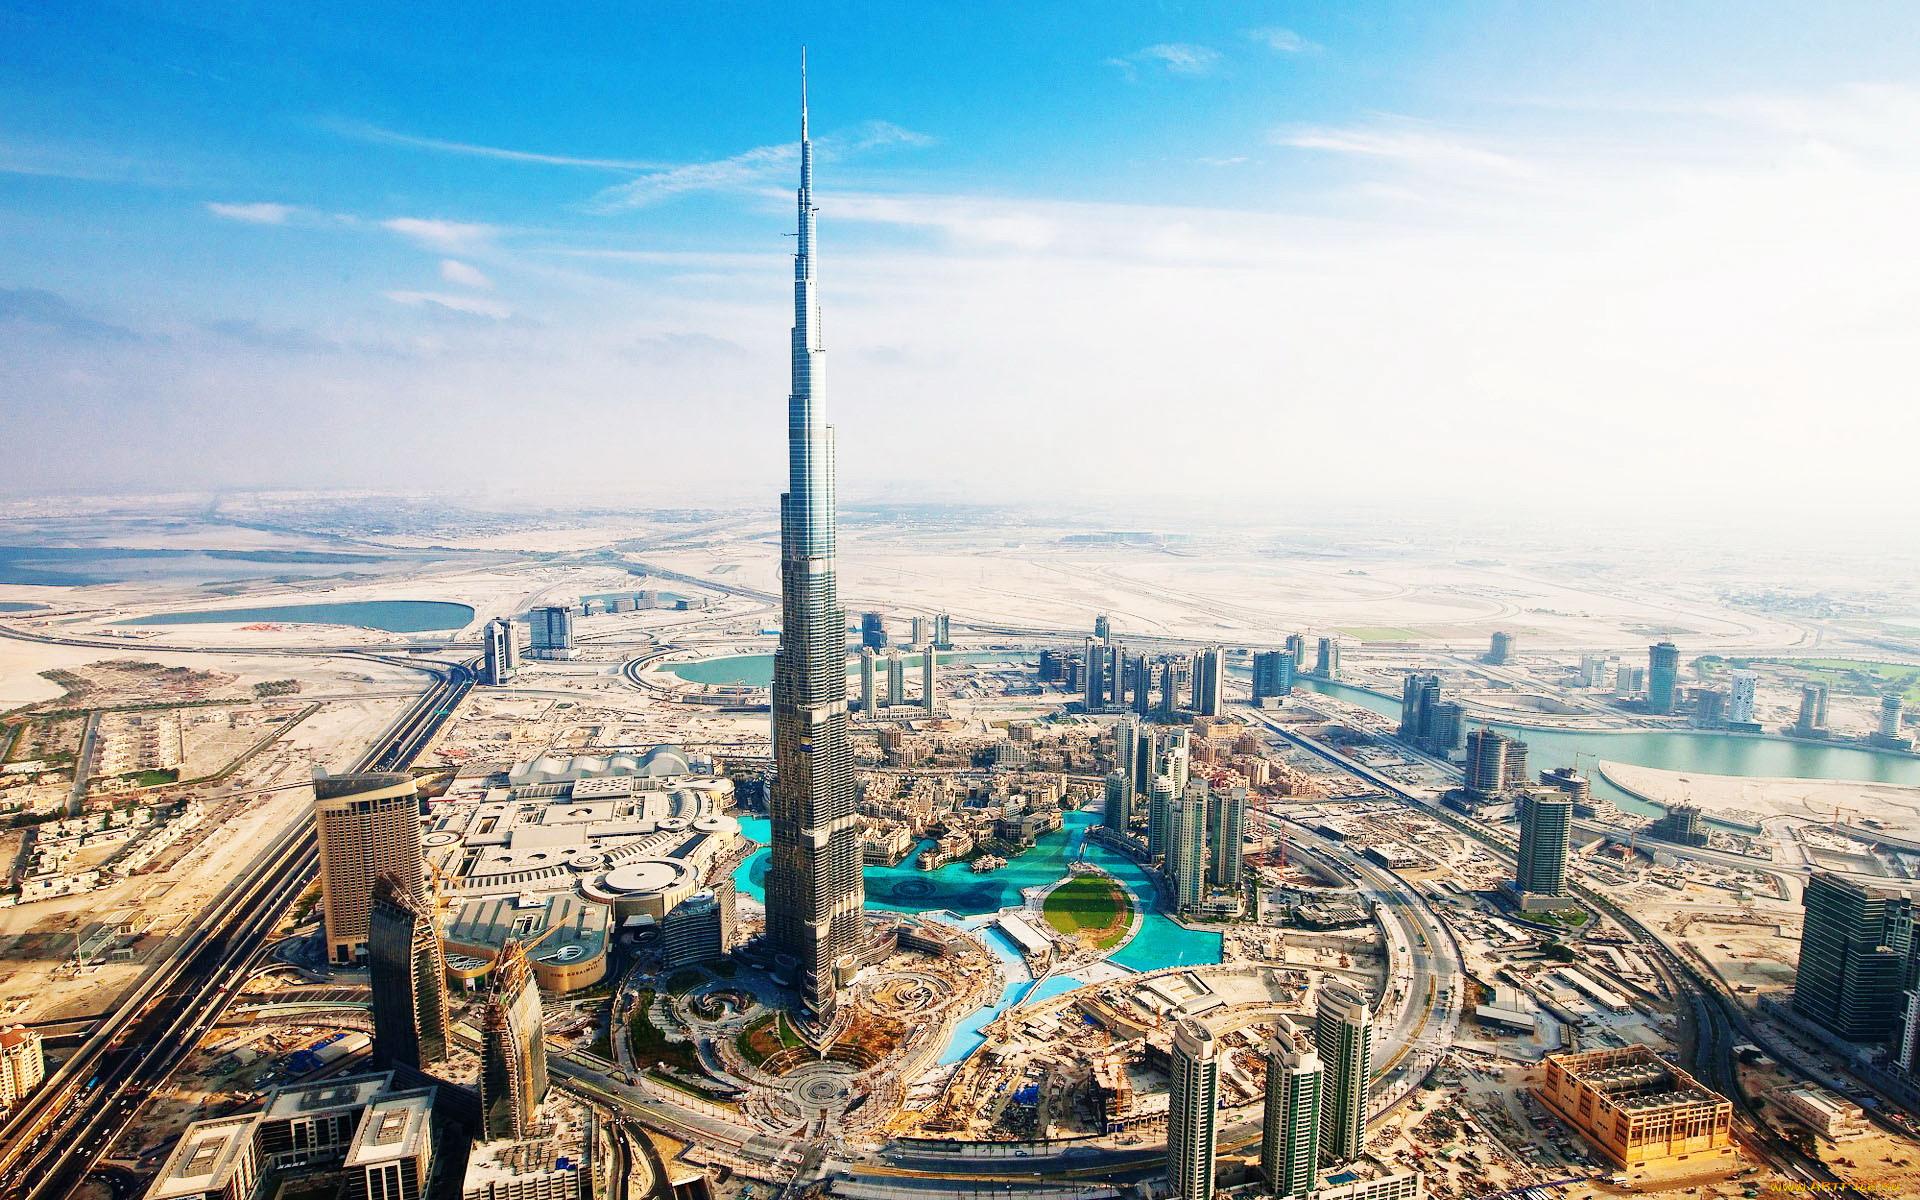 Обои Города Дубай (ОАЭ), обои для рабочего стола, фотографии ...